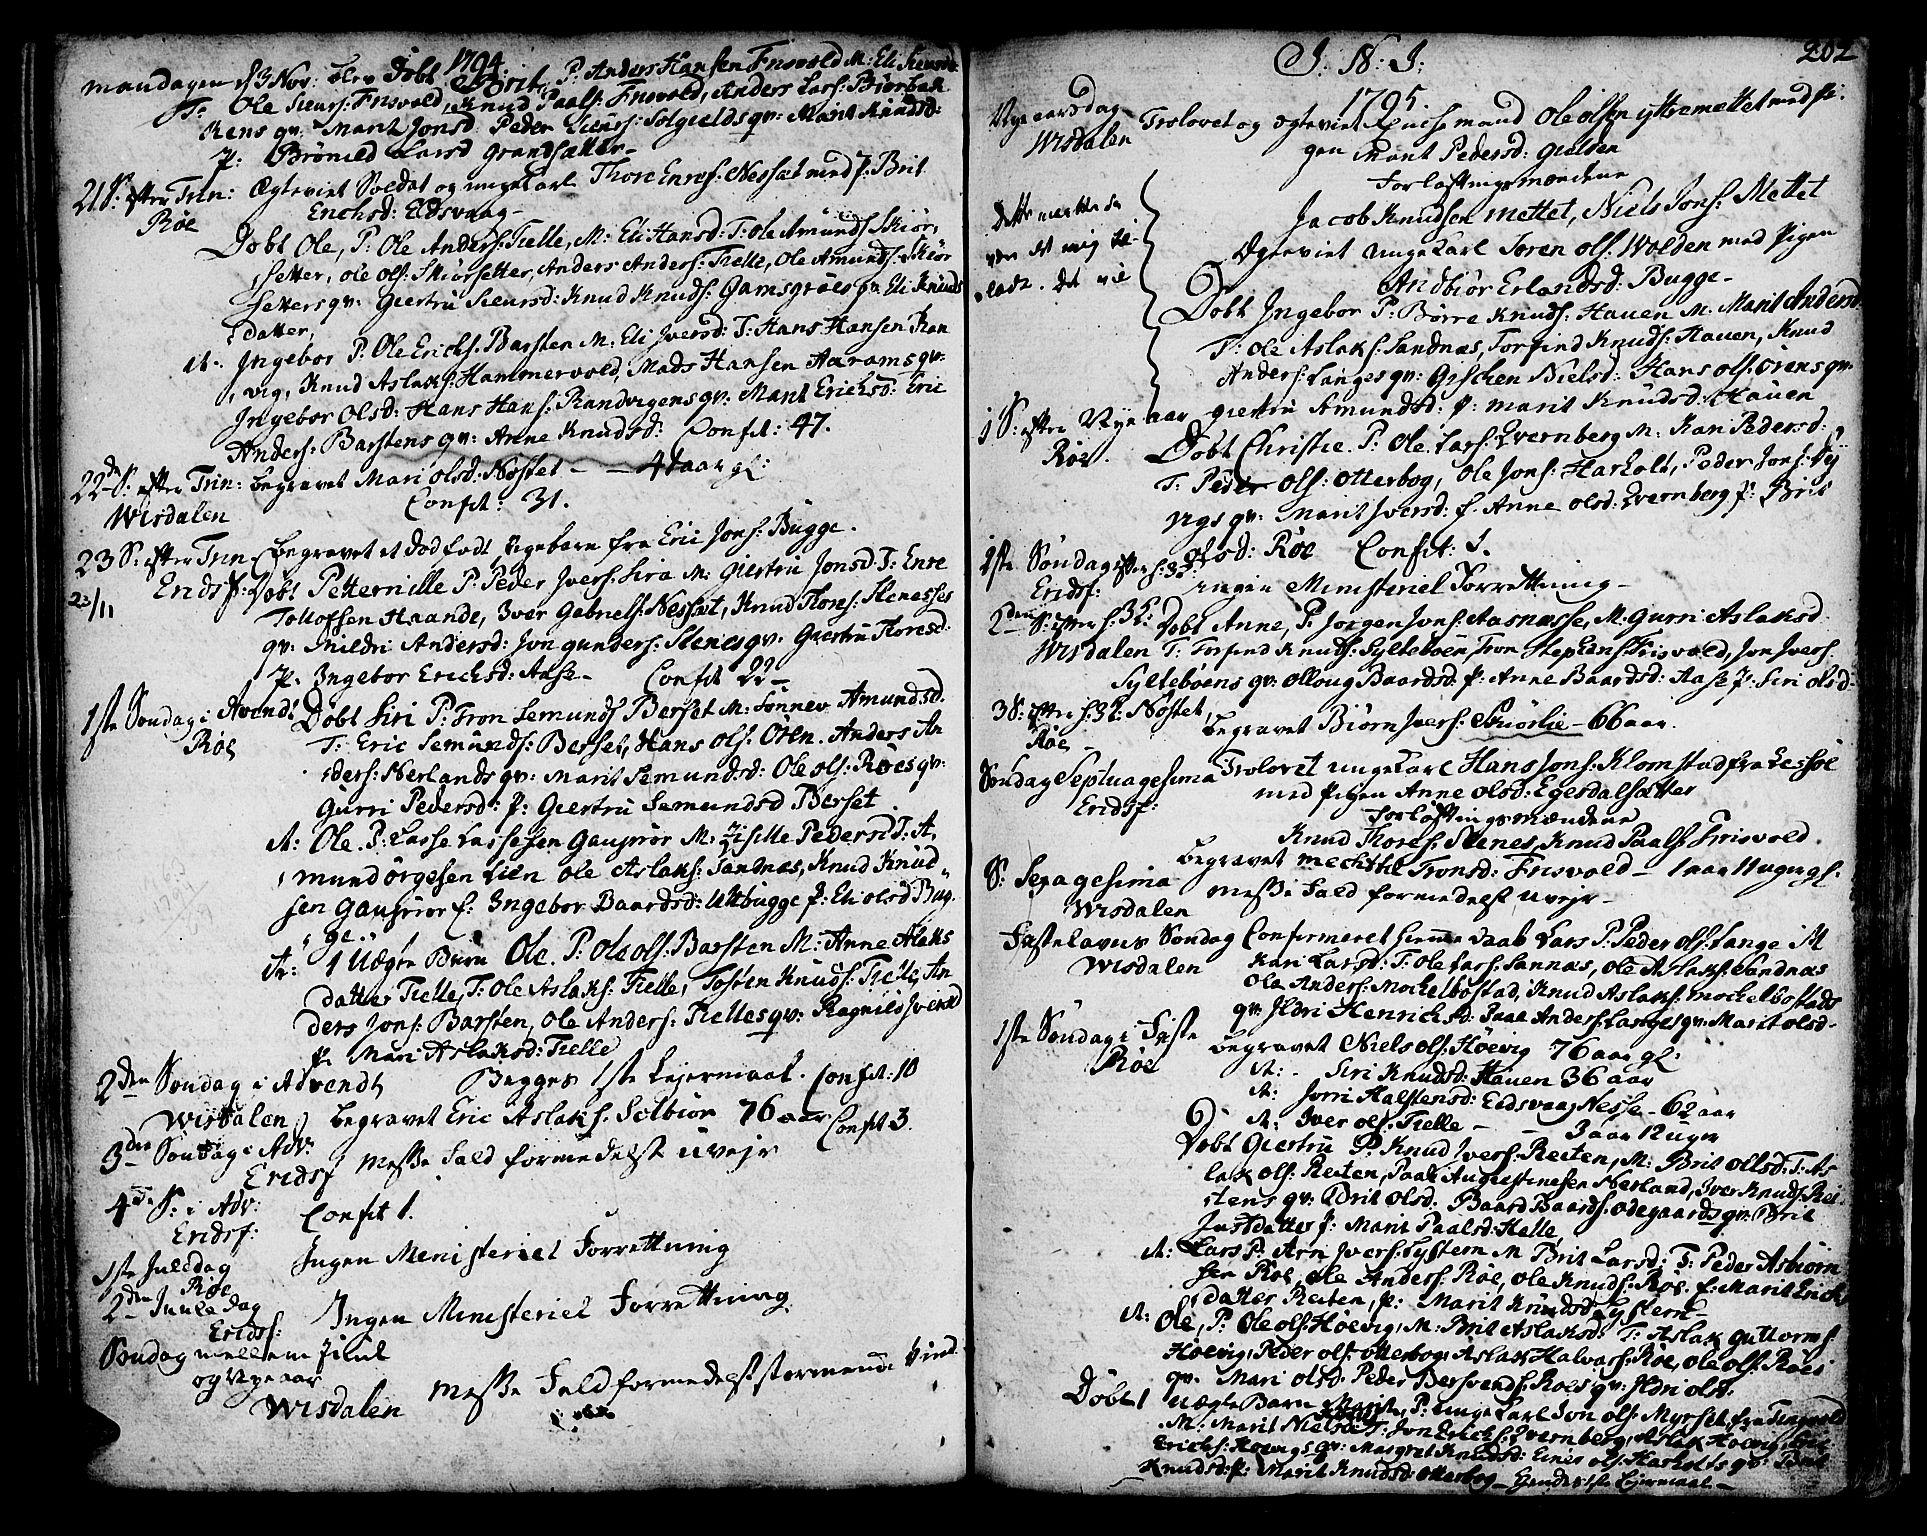 SAT, Ministerialprotokoller, klokkerbøker og fødselsregistre - Møre og Romsdal, 551/L0621: Ministerialbok nr. 551A01, 1757-1803, s. 202